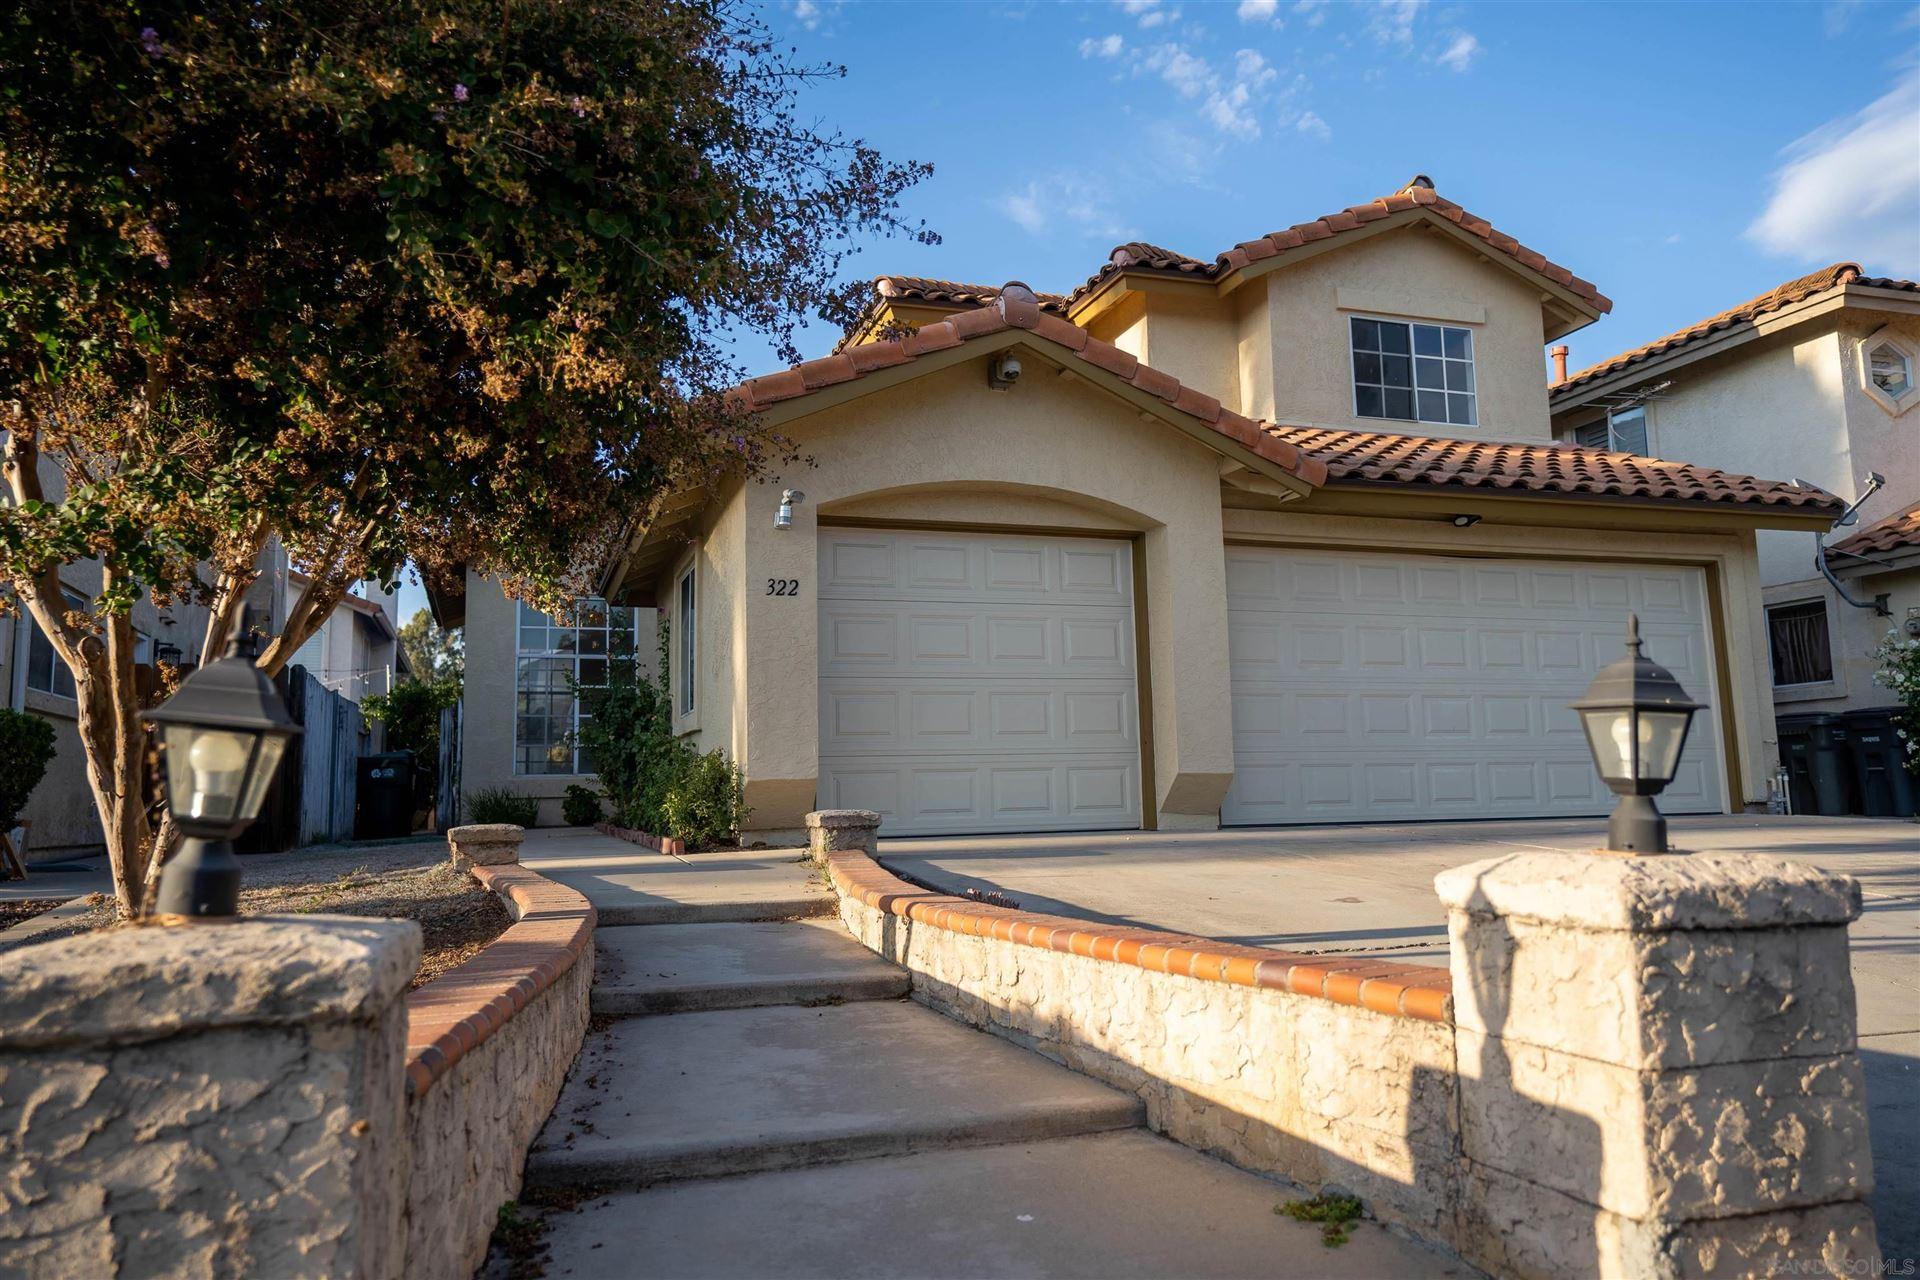 322 Valleytree Pl, Escondido, CA 92026 - MLS#: 210027204